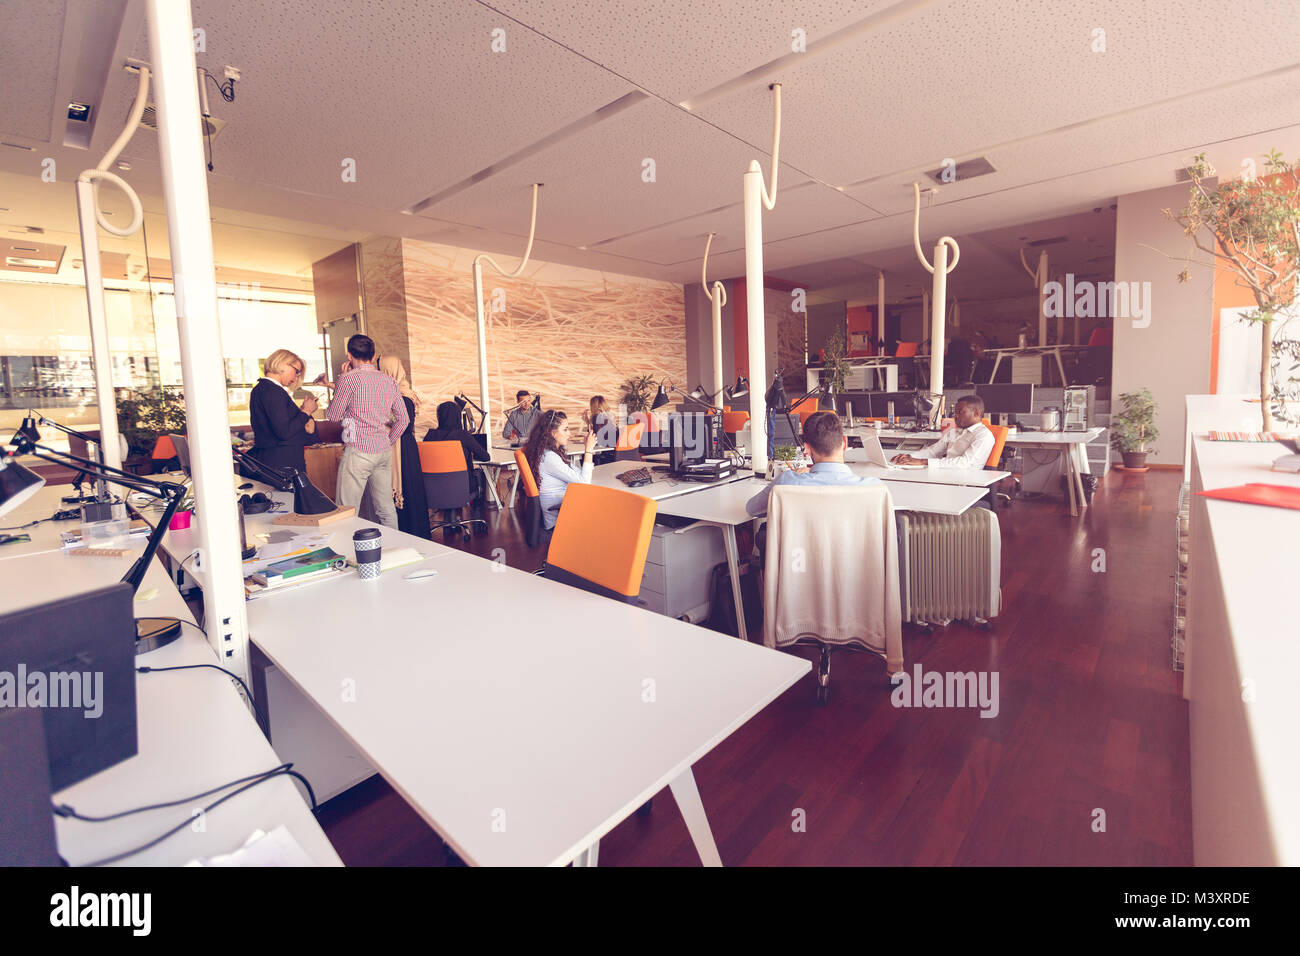 Gente de negocios inicio grupo de trabajo cotidiano en la oficina moderna Imagen De Stock